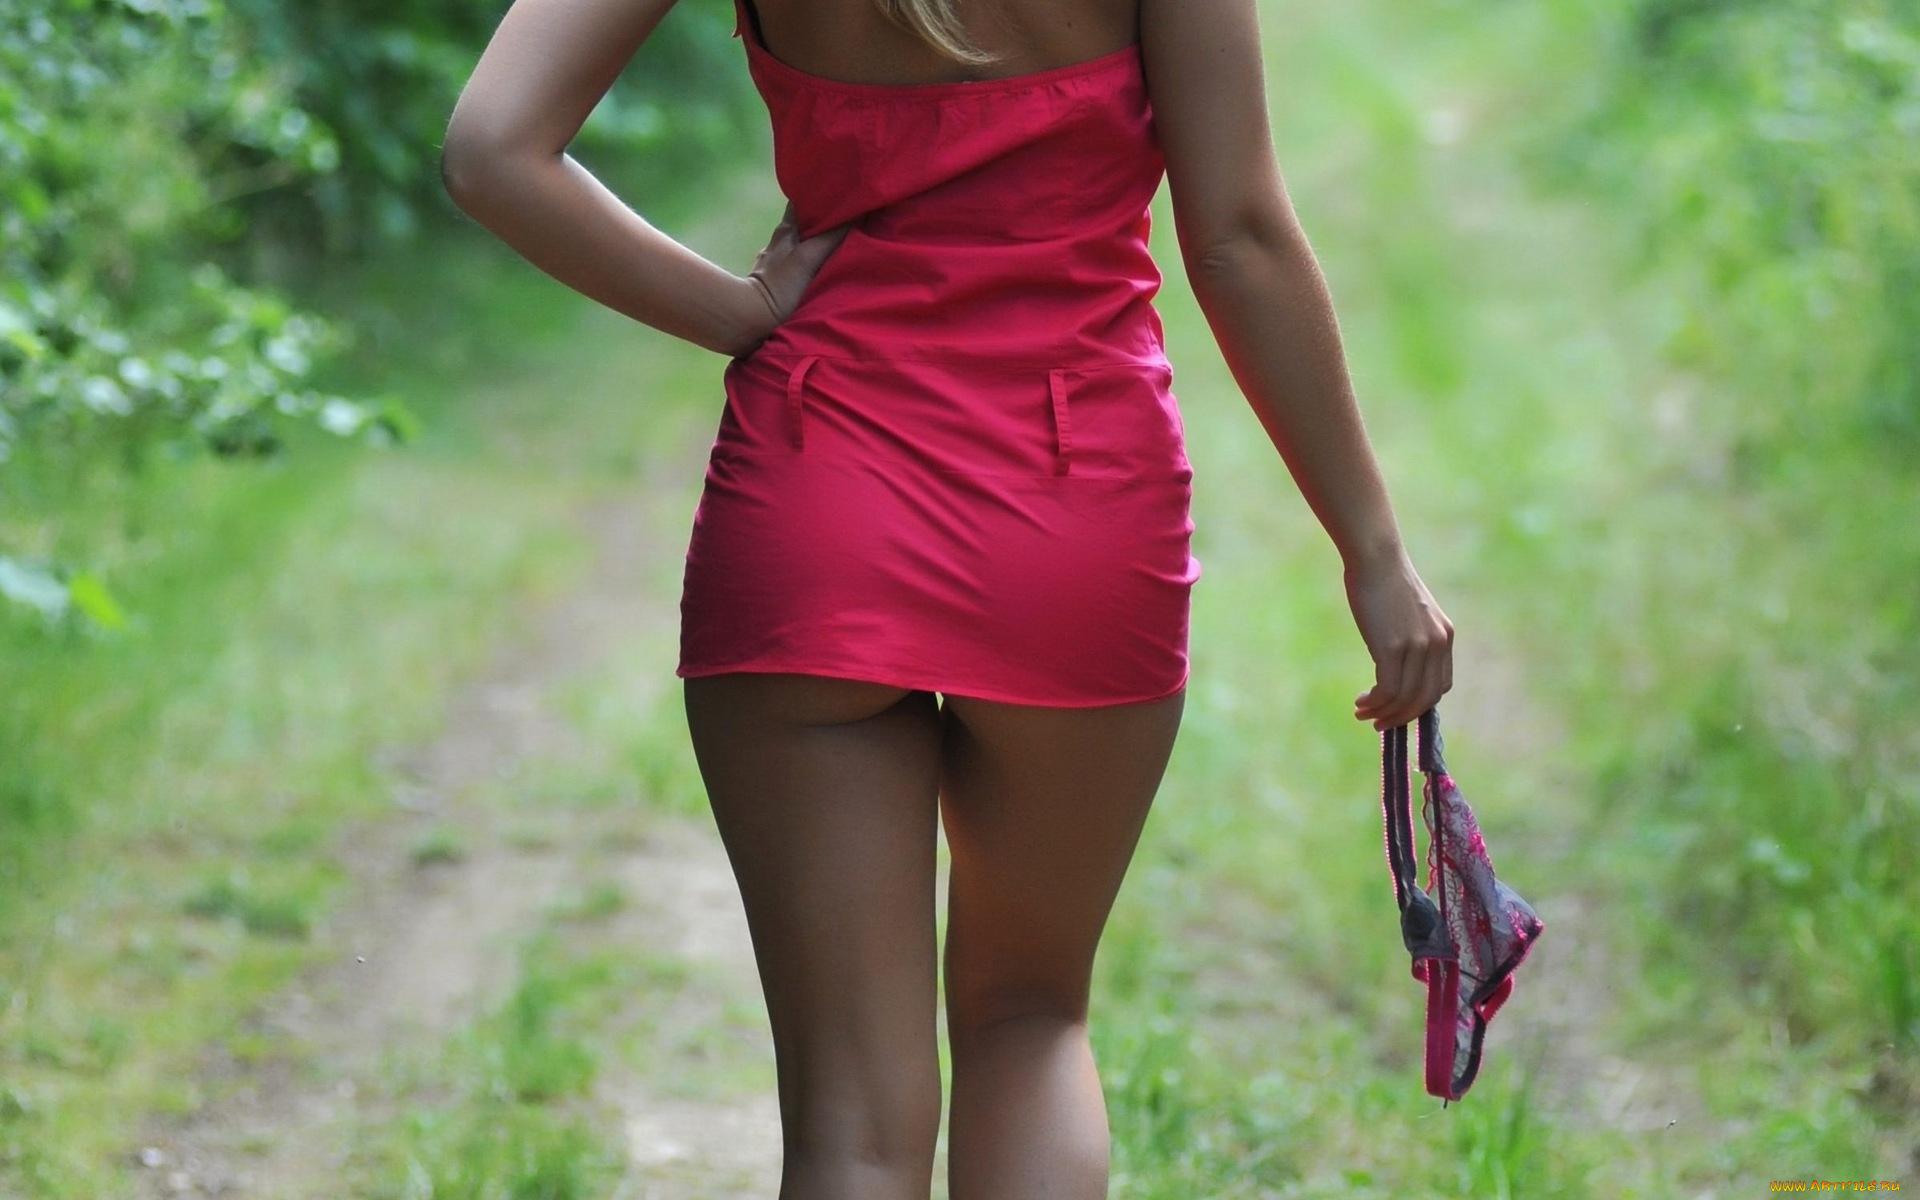 девушка в мини юбке вид сзади сомкнулись она